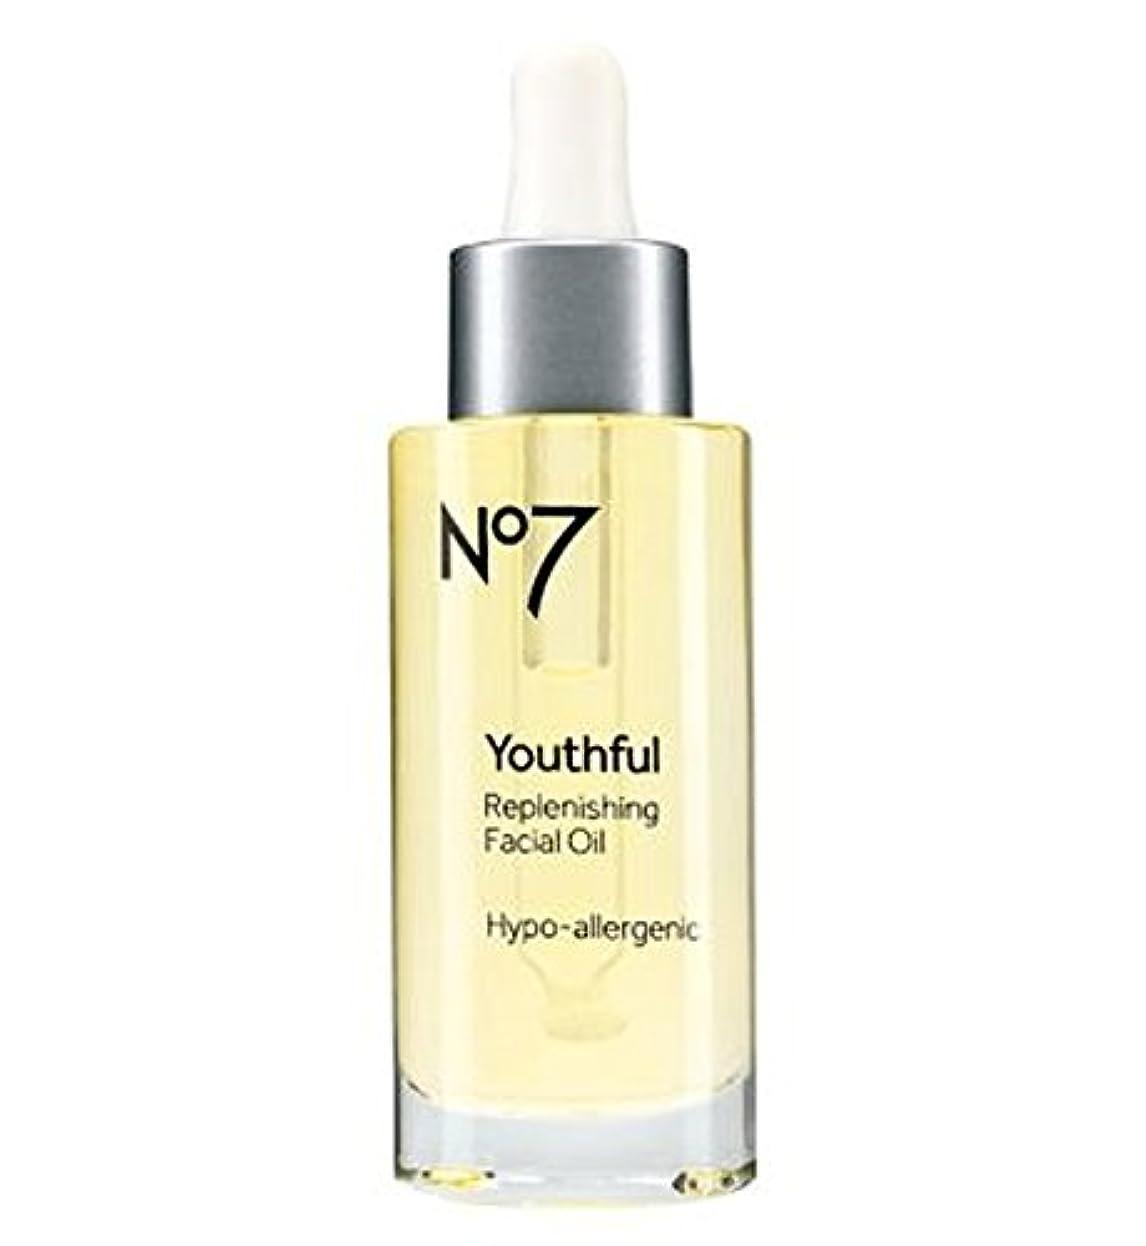 作るカレッジ週間No7若々しい補給フェイシャルオイル30ミリリットル (No7) (x2) - No7 Youthful Replenishing Facial Oil 30ml (Pack of 2) [並行輸入品]